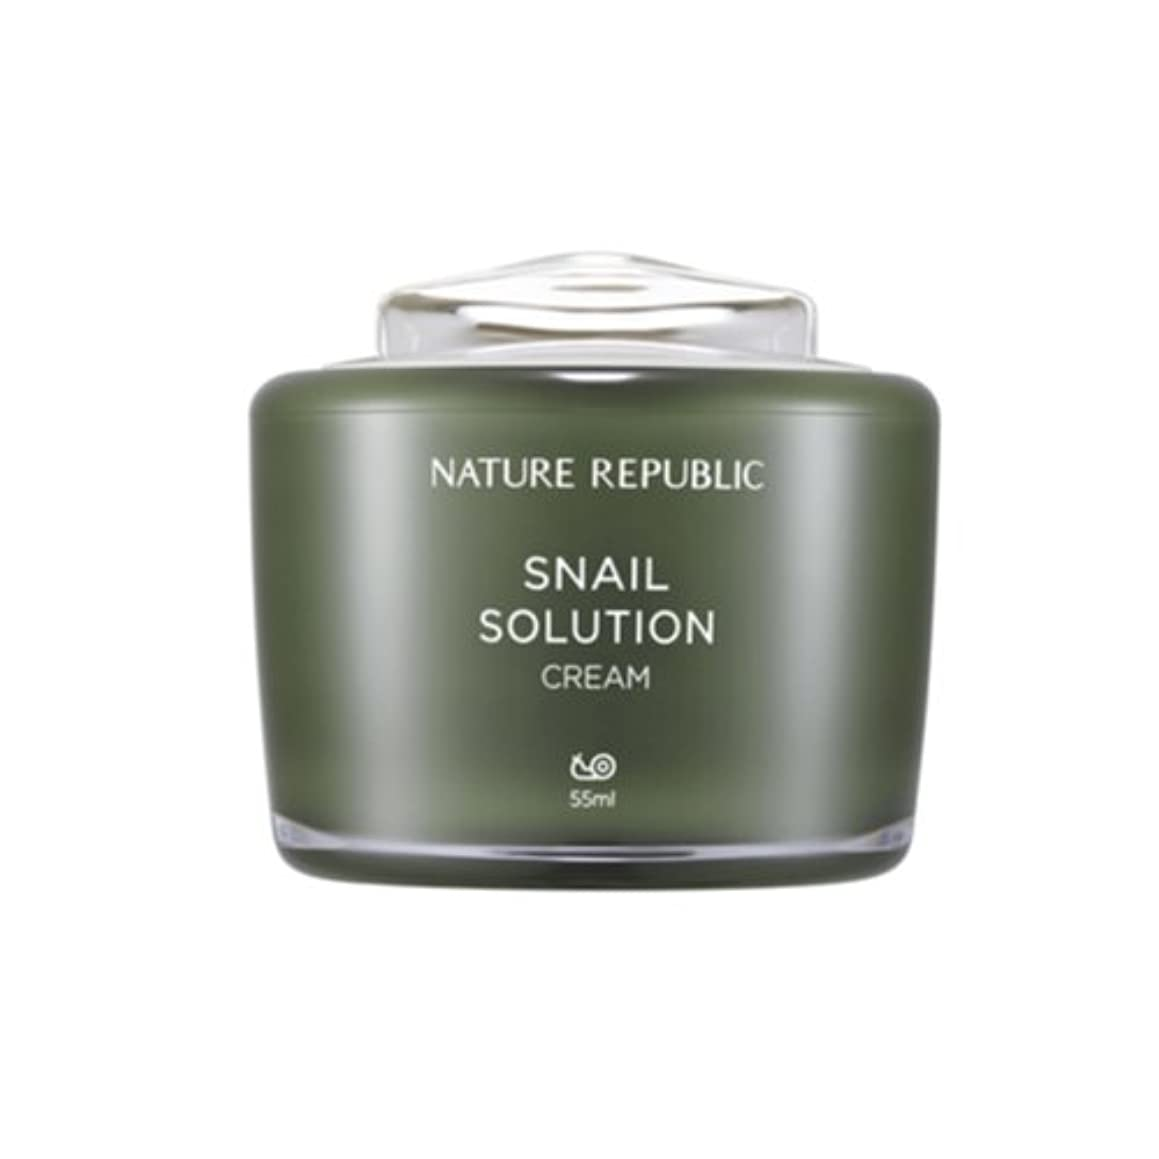 市民以来アウター[ネイチャーリパブリック] Nature republicスネイルソリューションクリーム海外直送品(Snail Solution Cream) [並行輸入品]